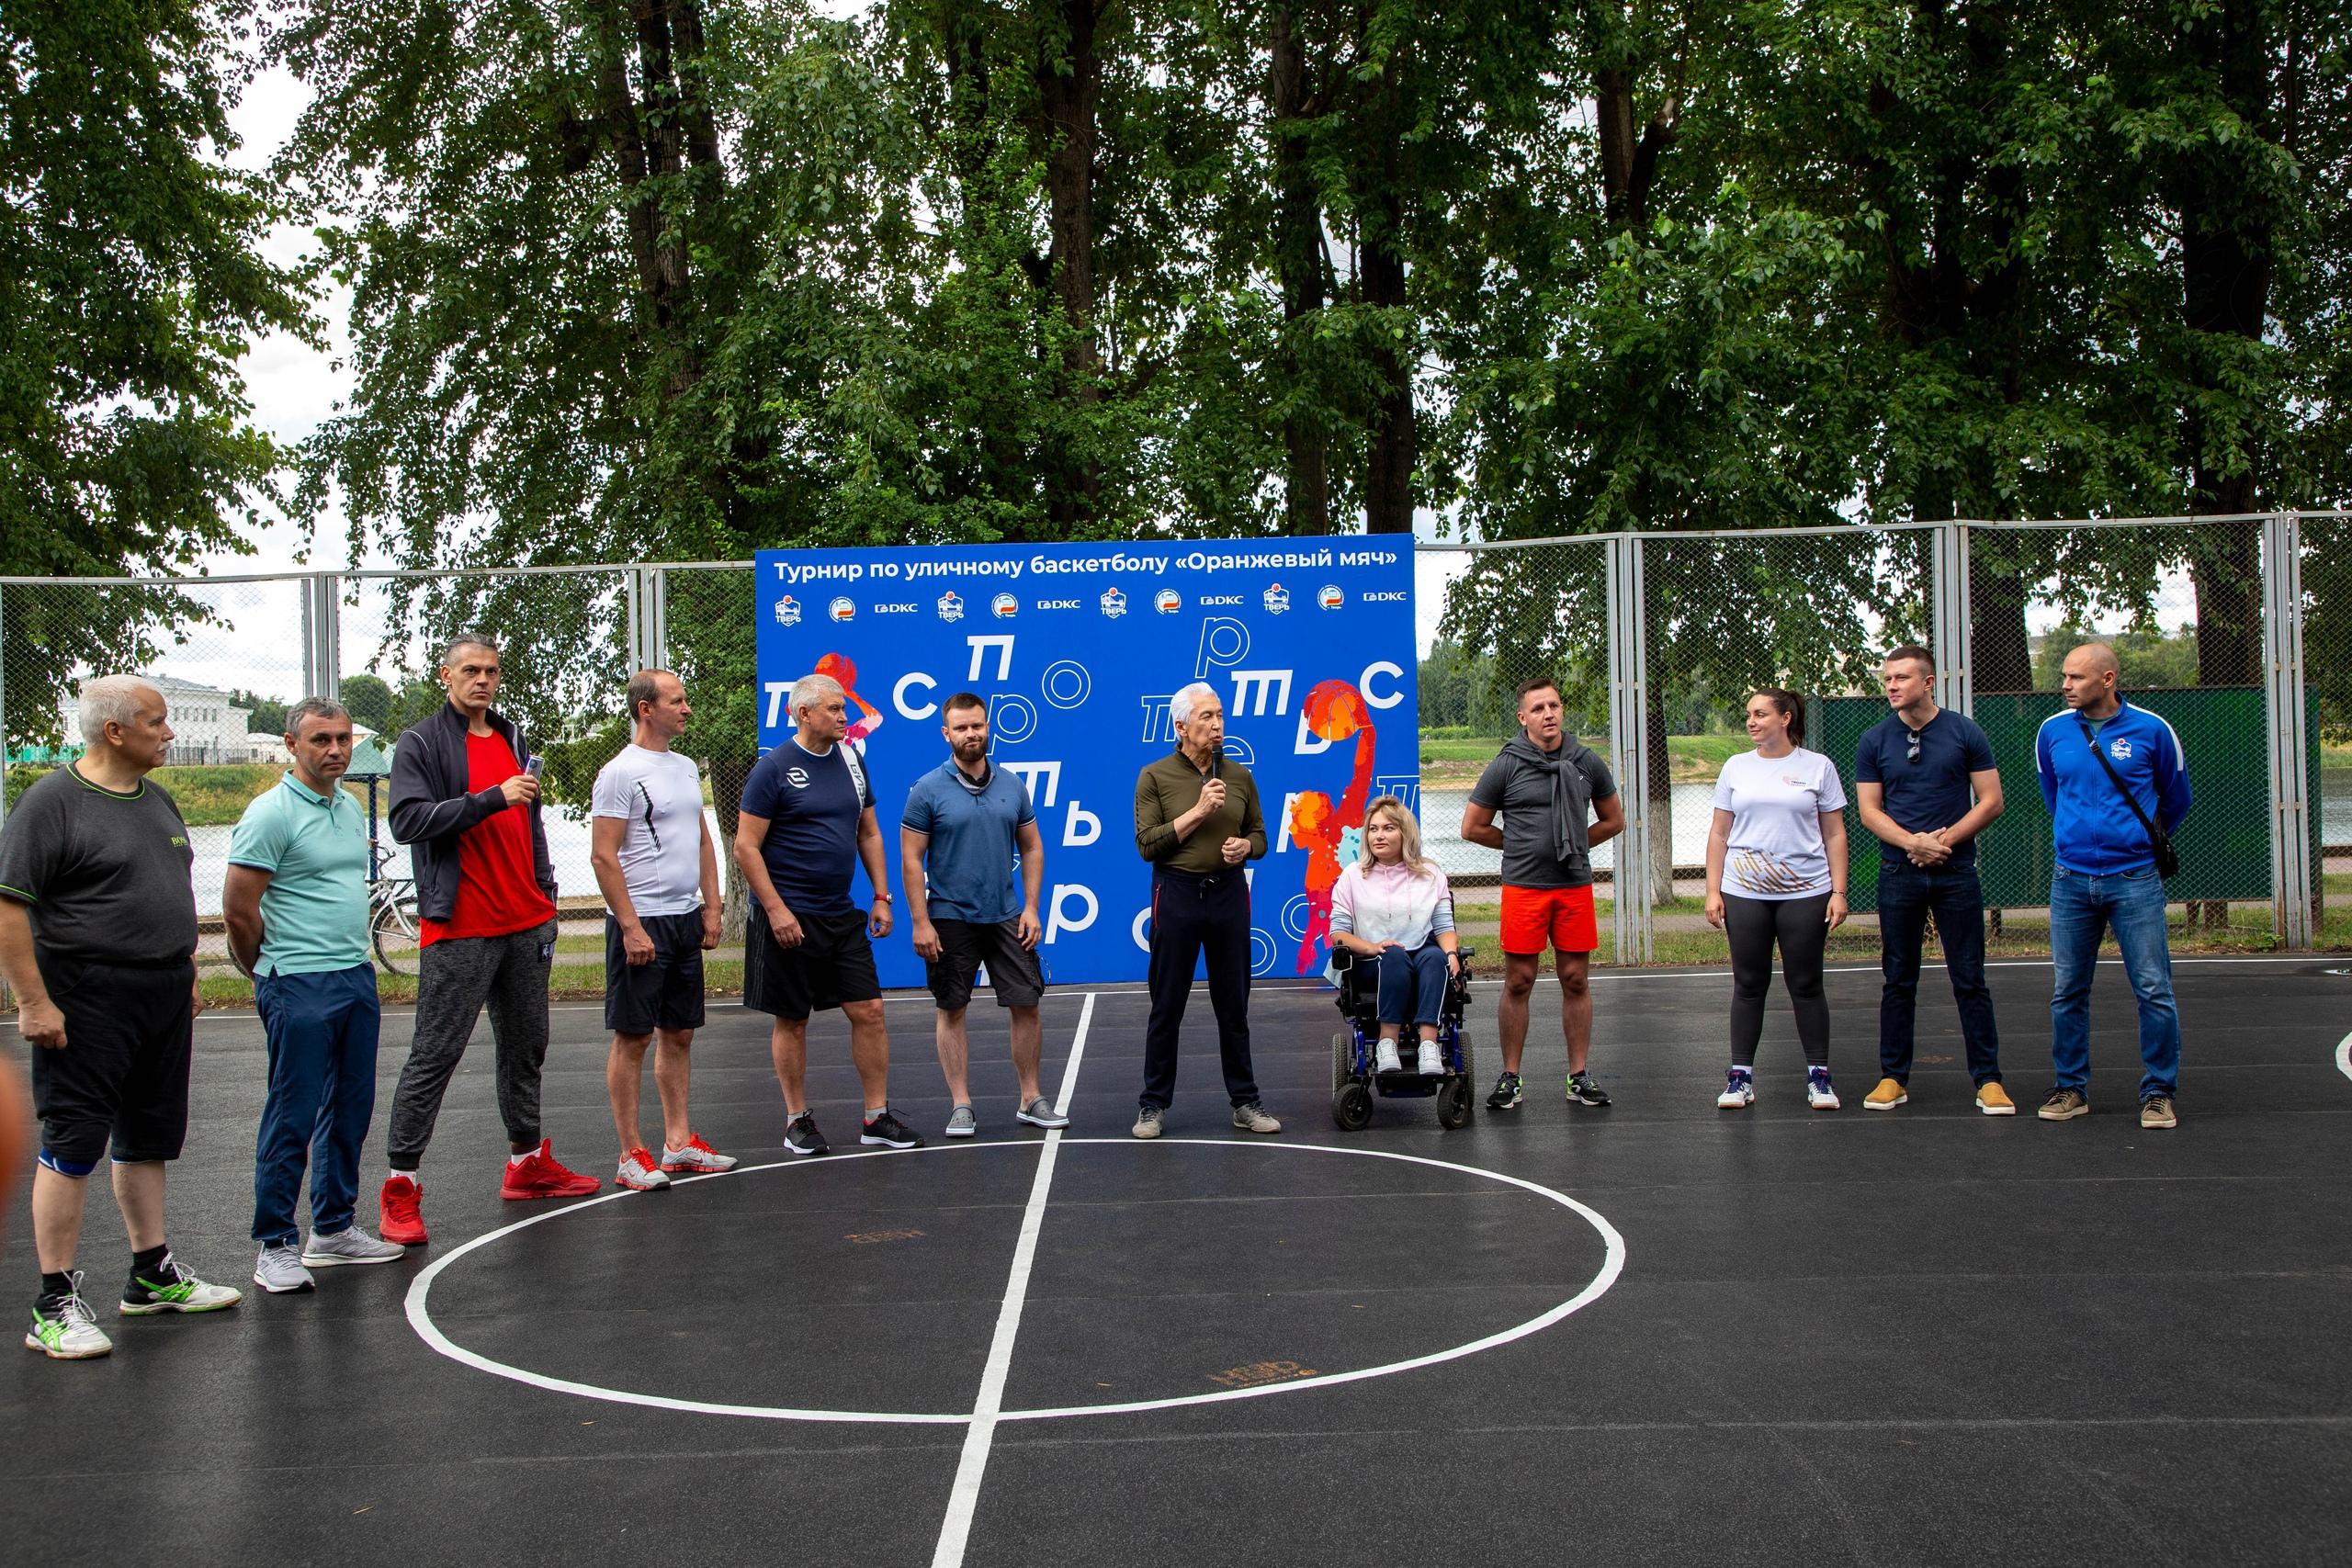 Владимир Васильев и Юлия Саранова стали гостями спортивных состязаний в Твери